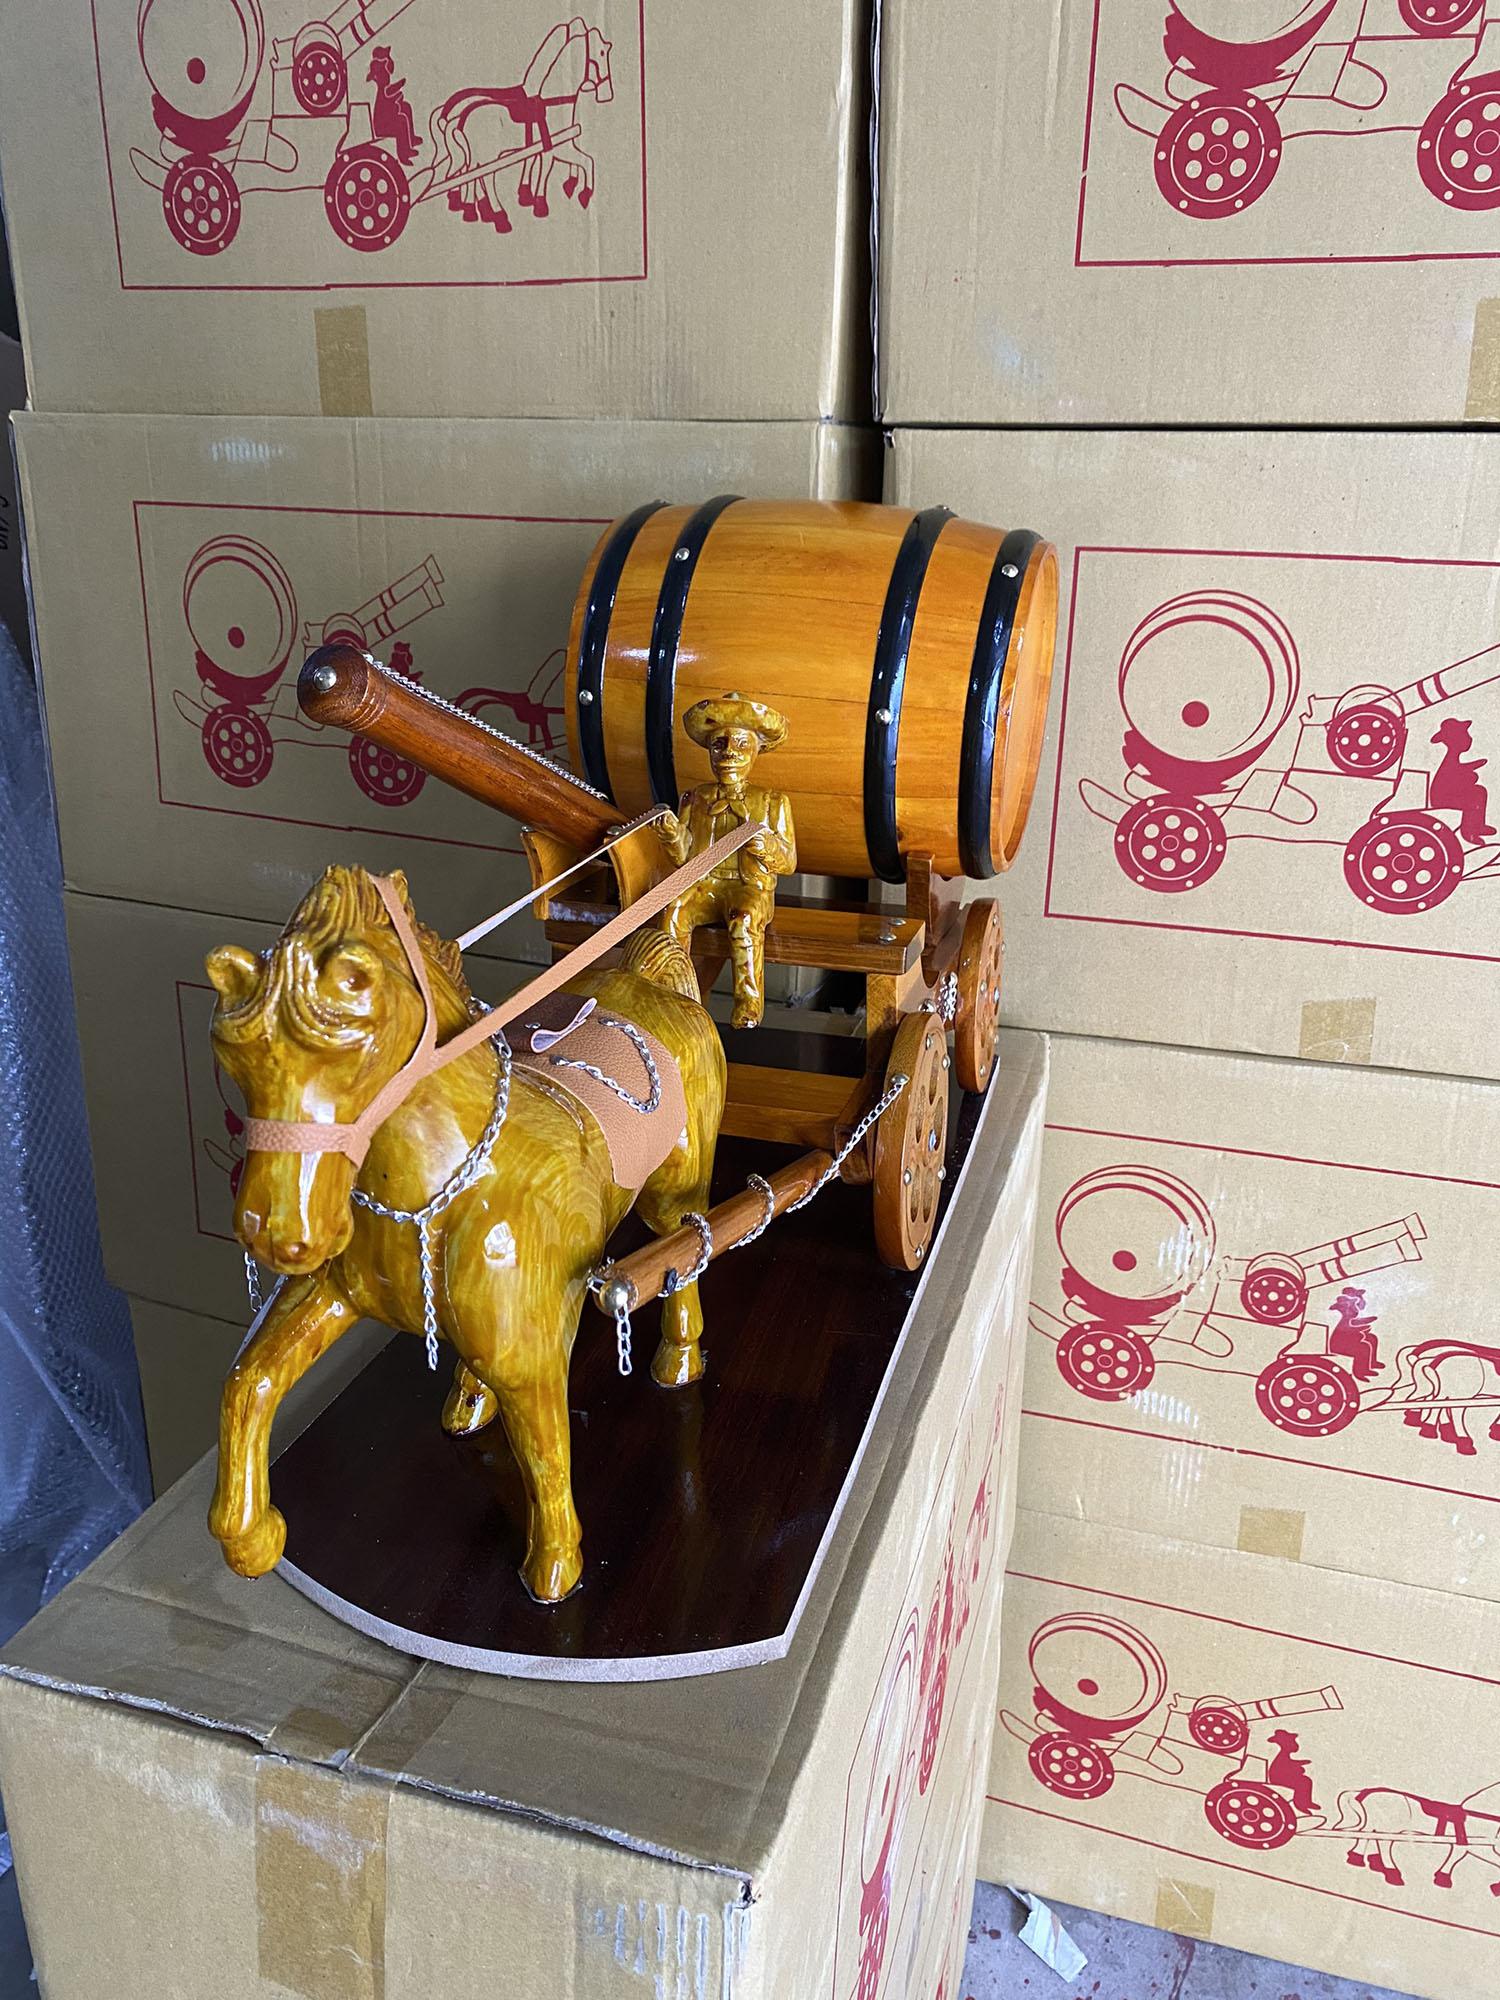 Ngựa đơn 1 pháo kéo trống rượu vang